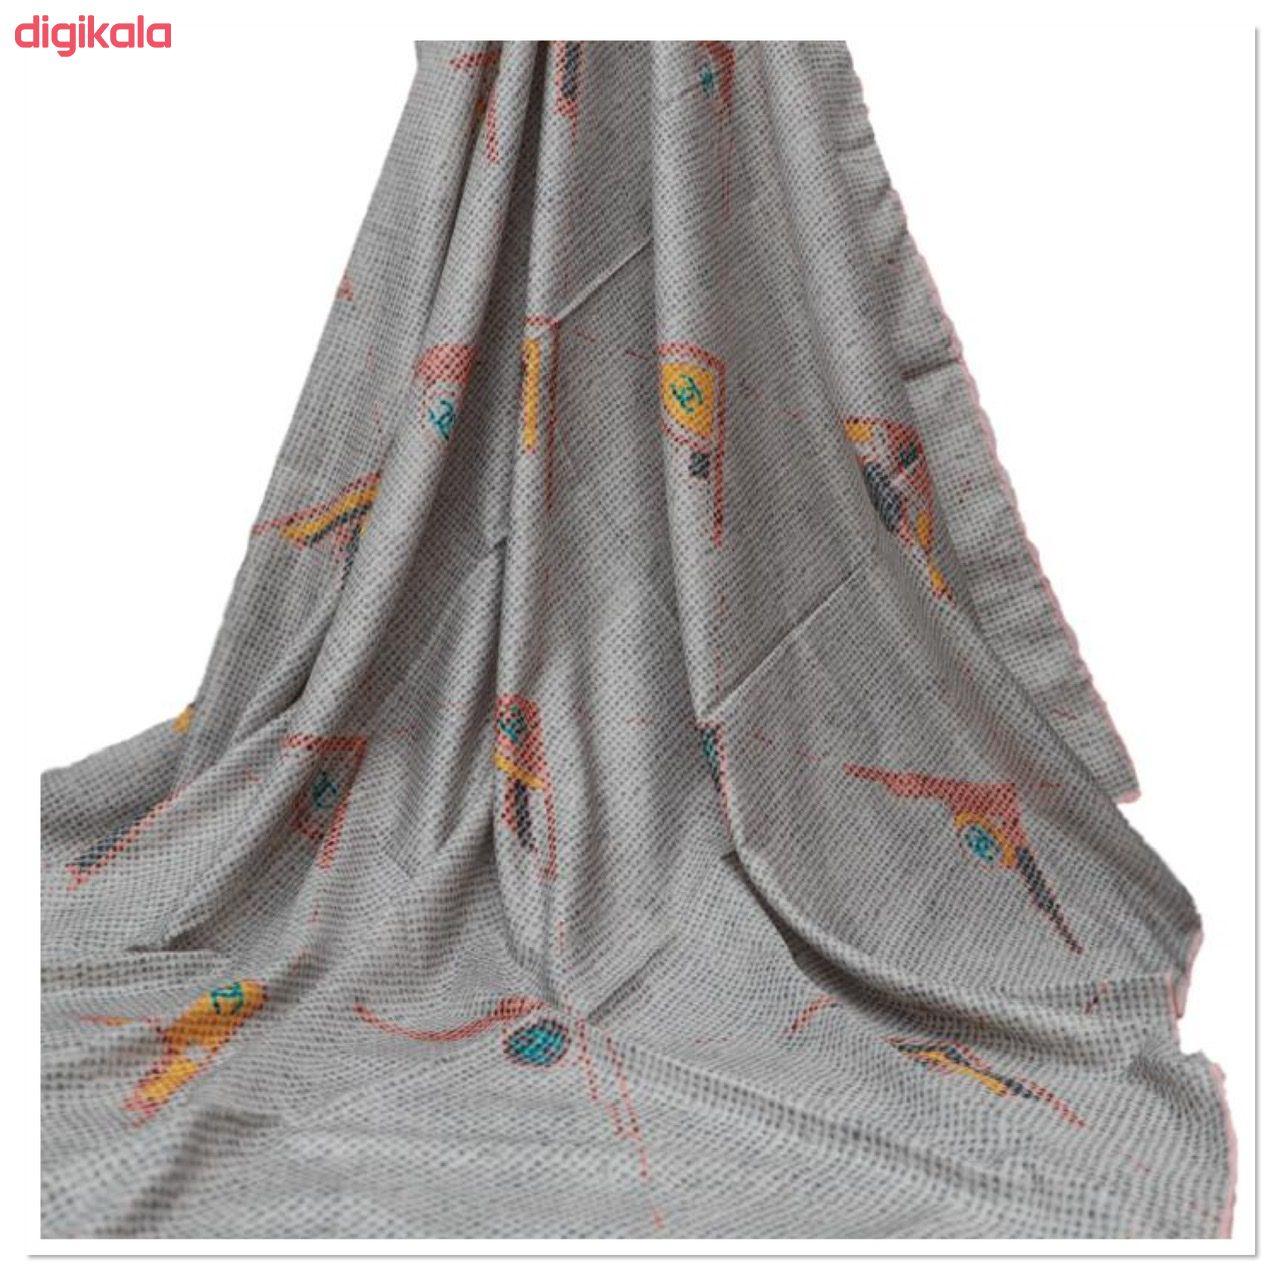 روسری زنانه کد 88 main 1 6